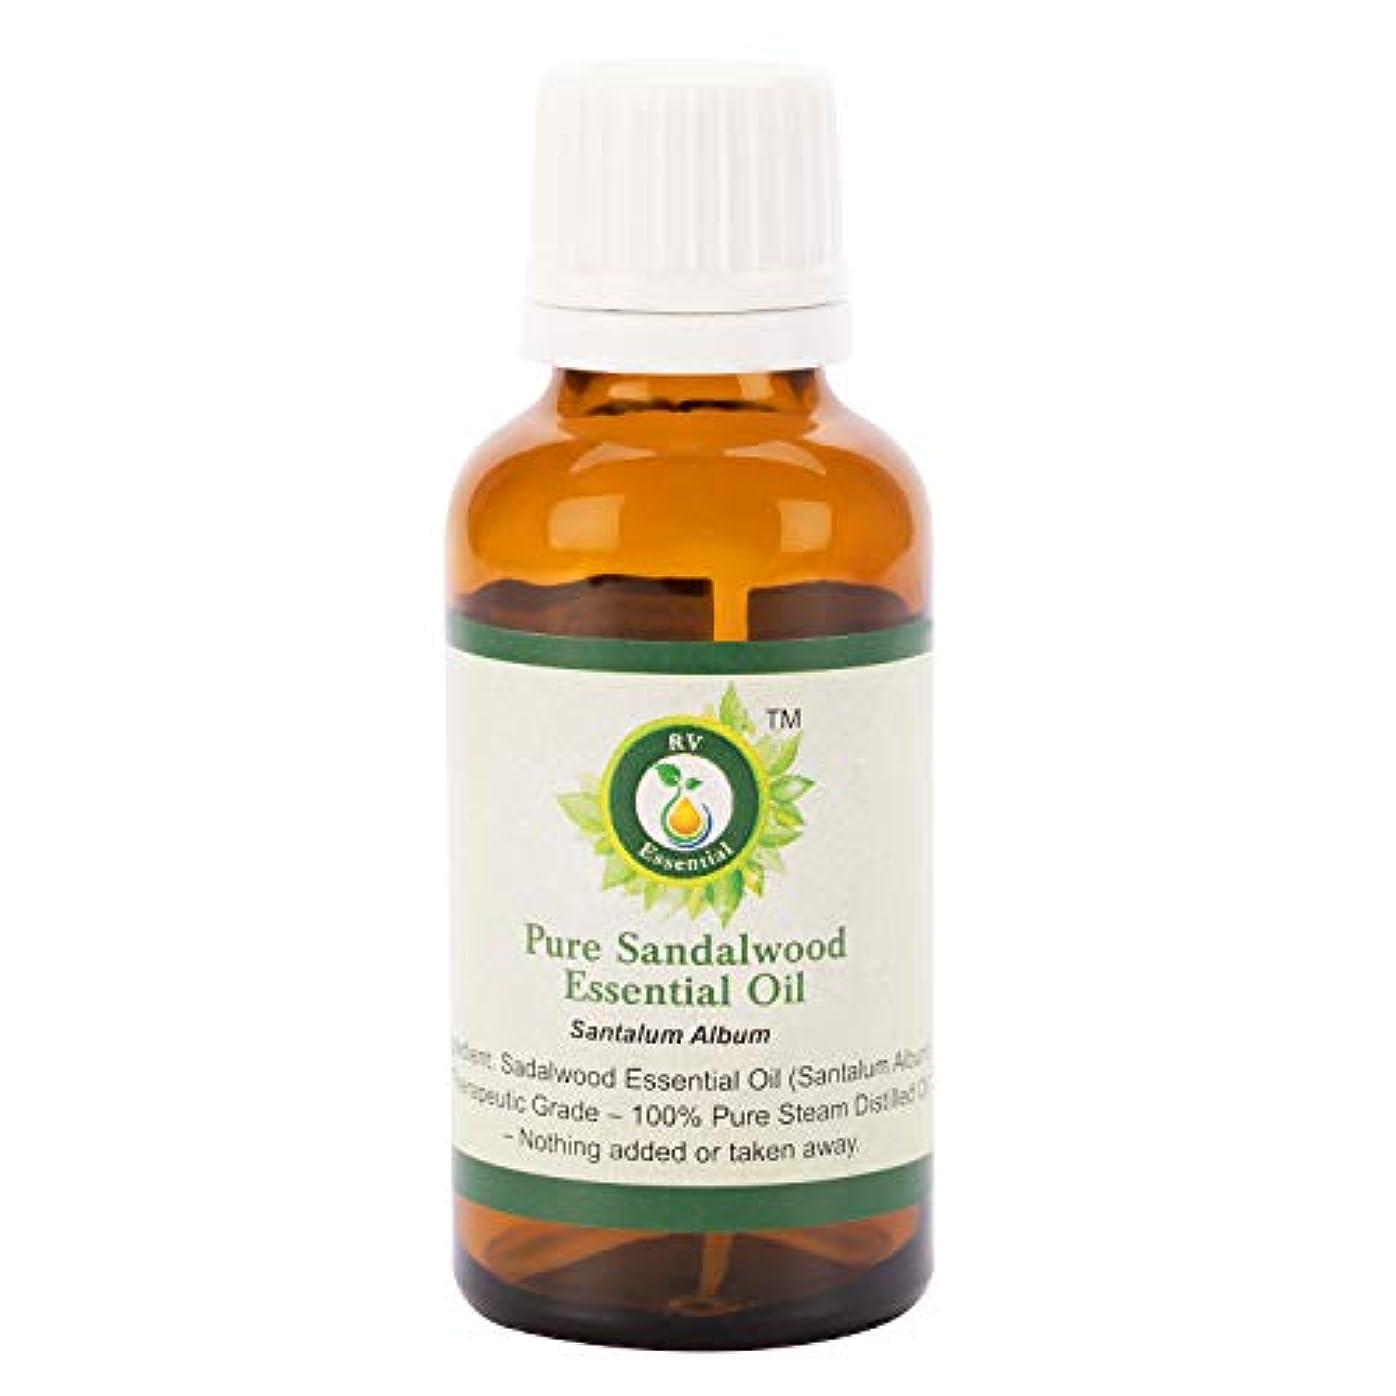 臨検トリムイーウェルピュアサンダルウッドエッセンシャルオイル100ml (3.38oz)- Santalum Album (100%純粋&天然スチームDistilled) Pure Sandalwood Essential Oil